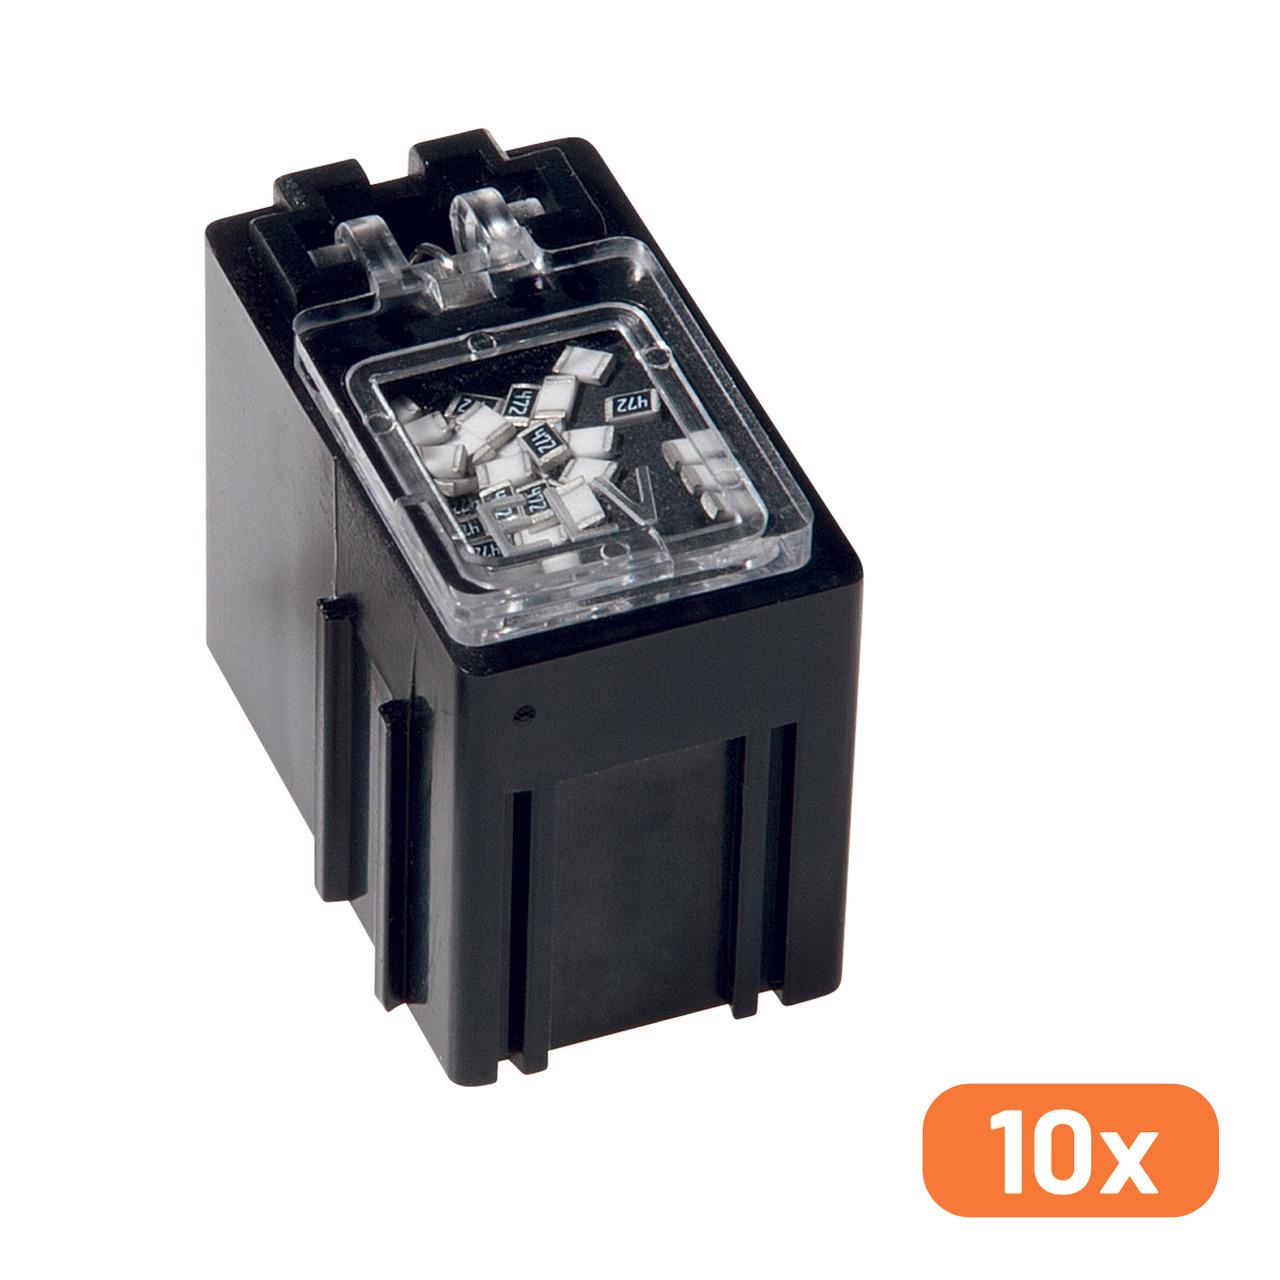 10er-Set ELV SMD-Sortierbox- Antistatik- 23 x 15-5 x 27 mm